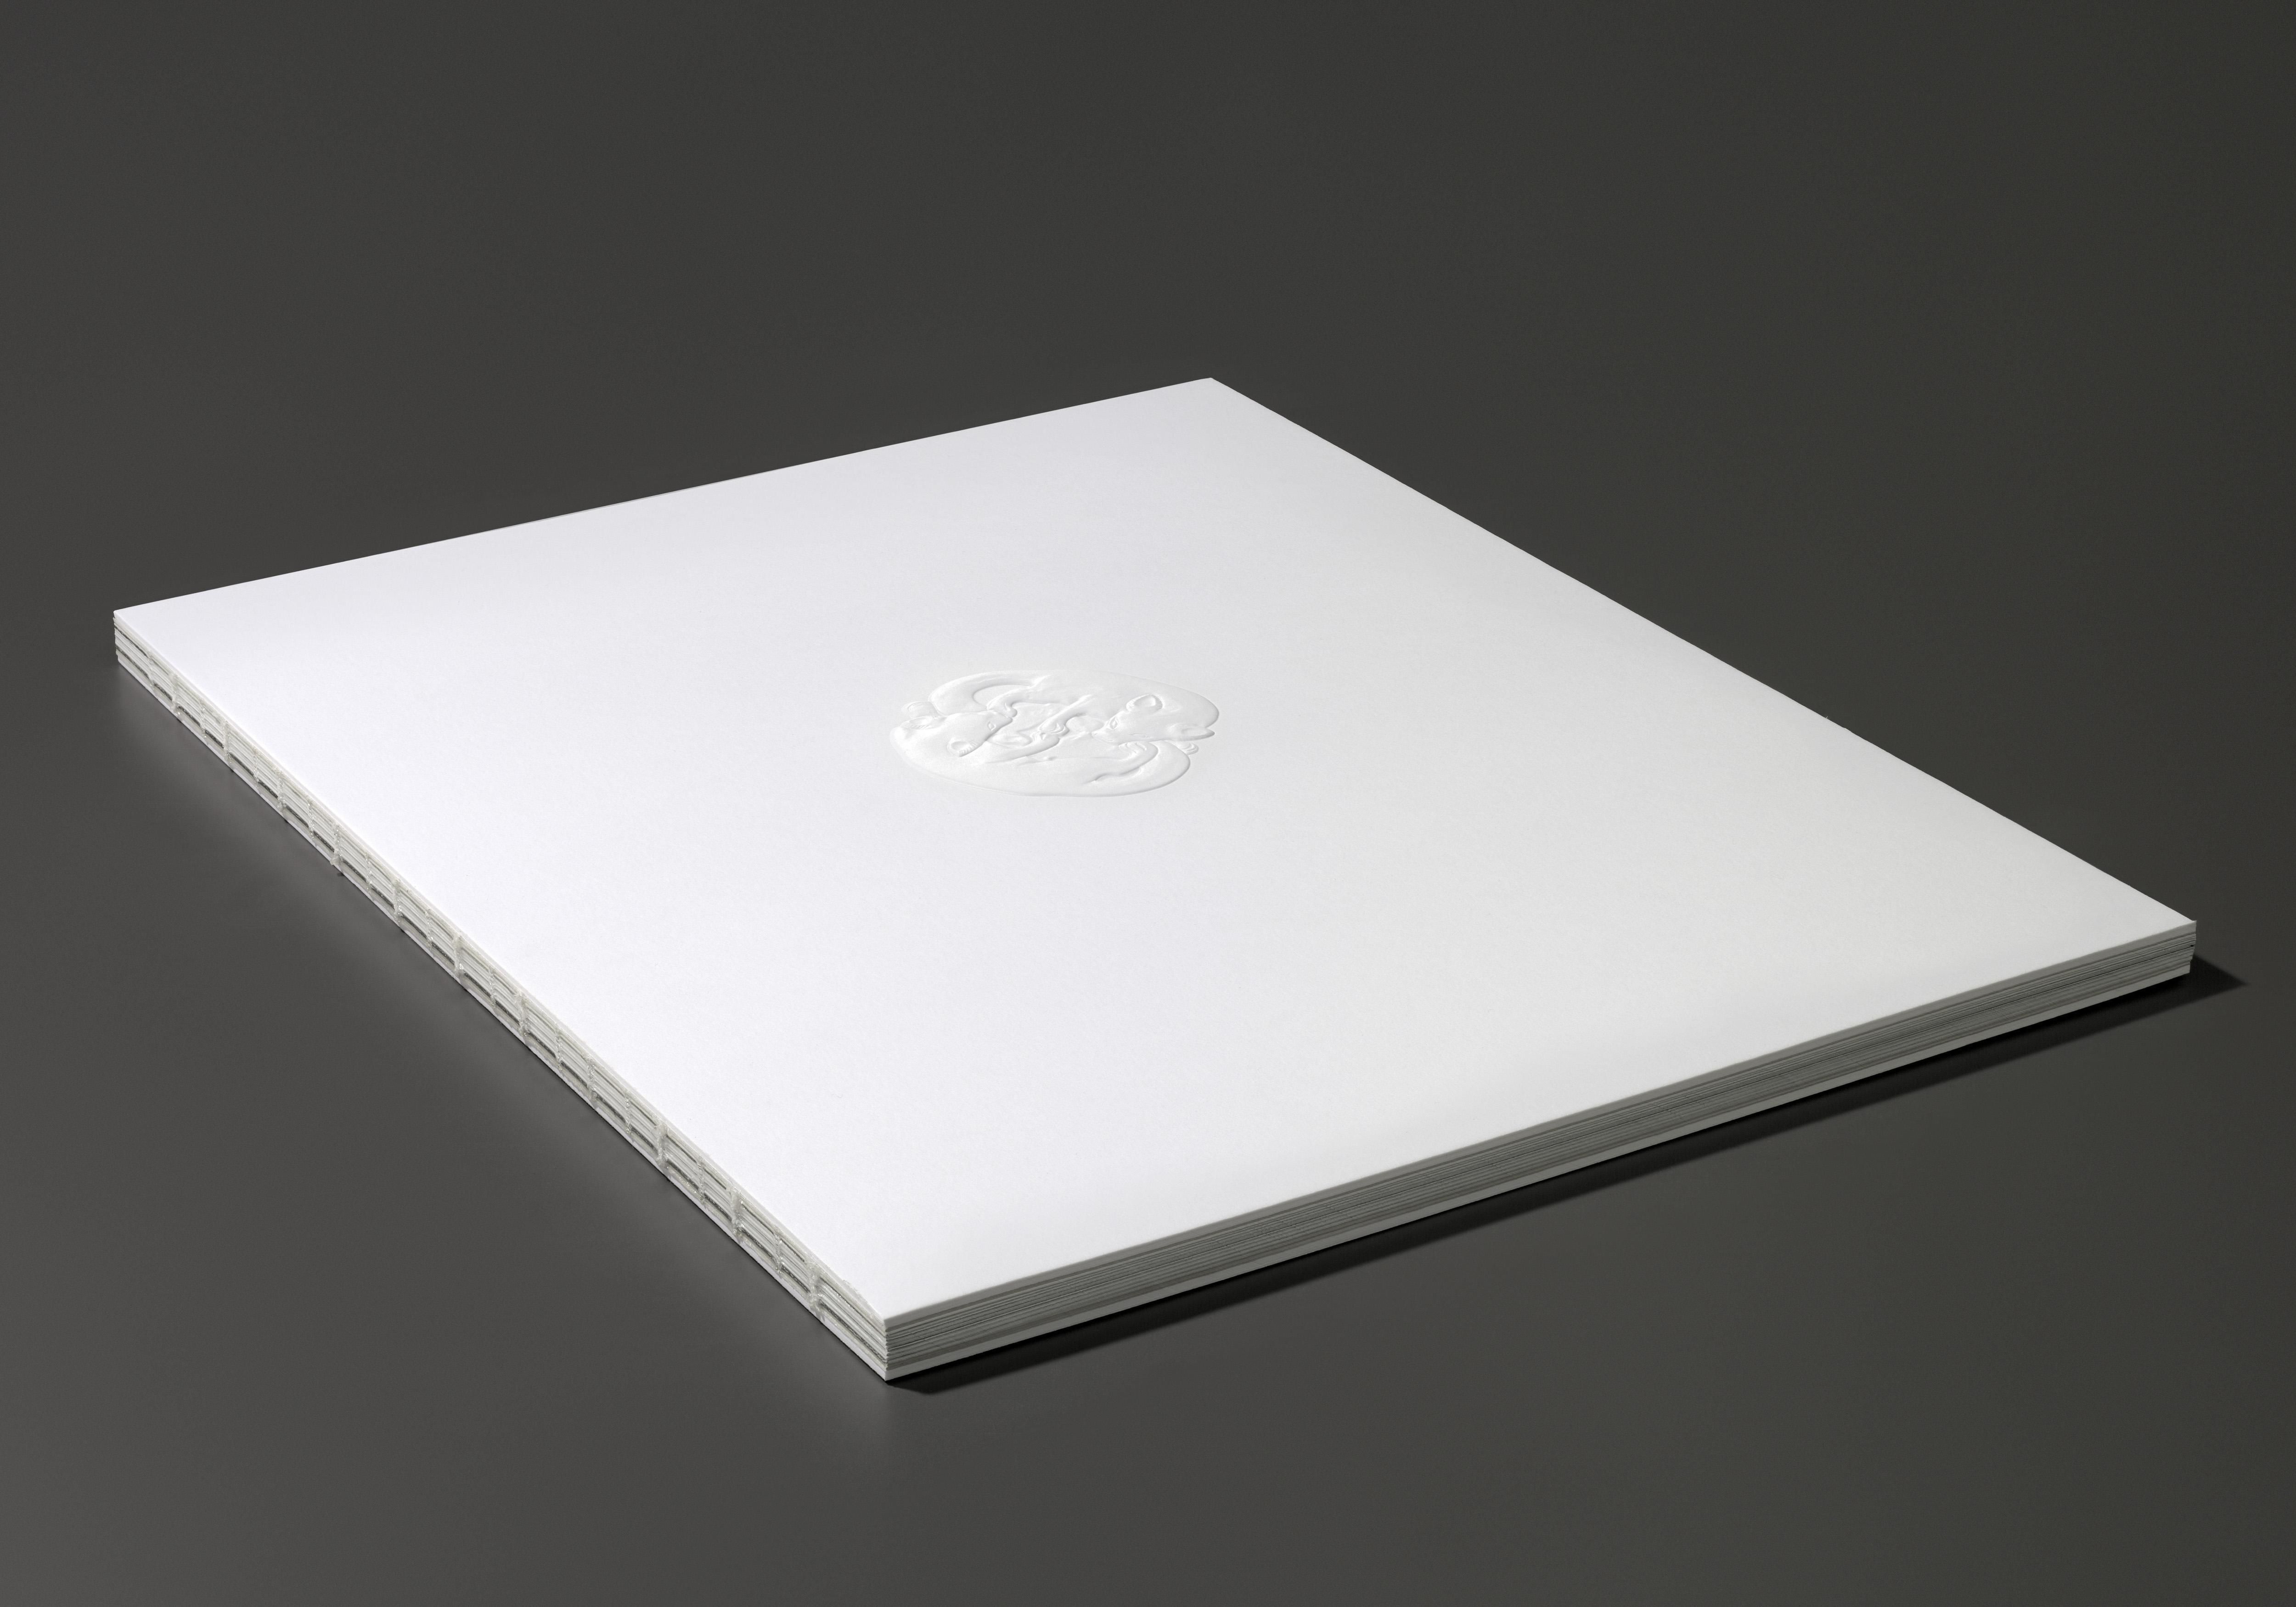 Gold_Kategorie Design_Aus den Schatten traten Giganten von Felix Streuli & Markus Rottmann